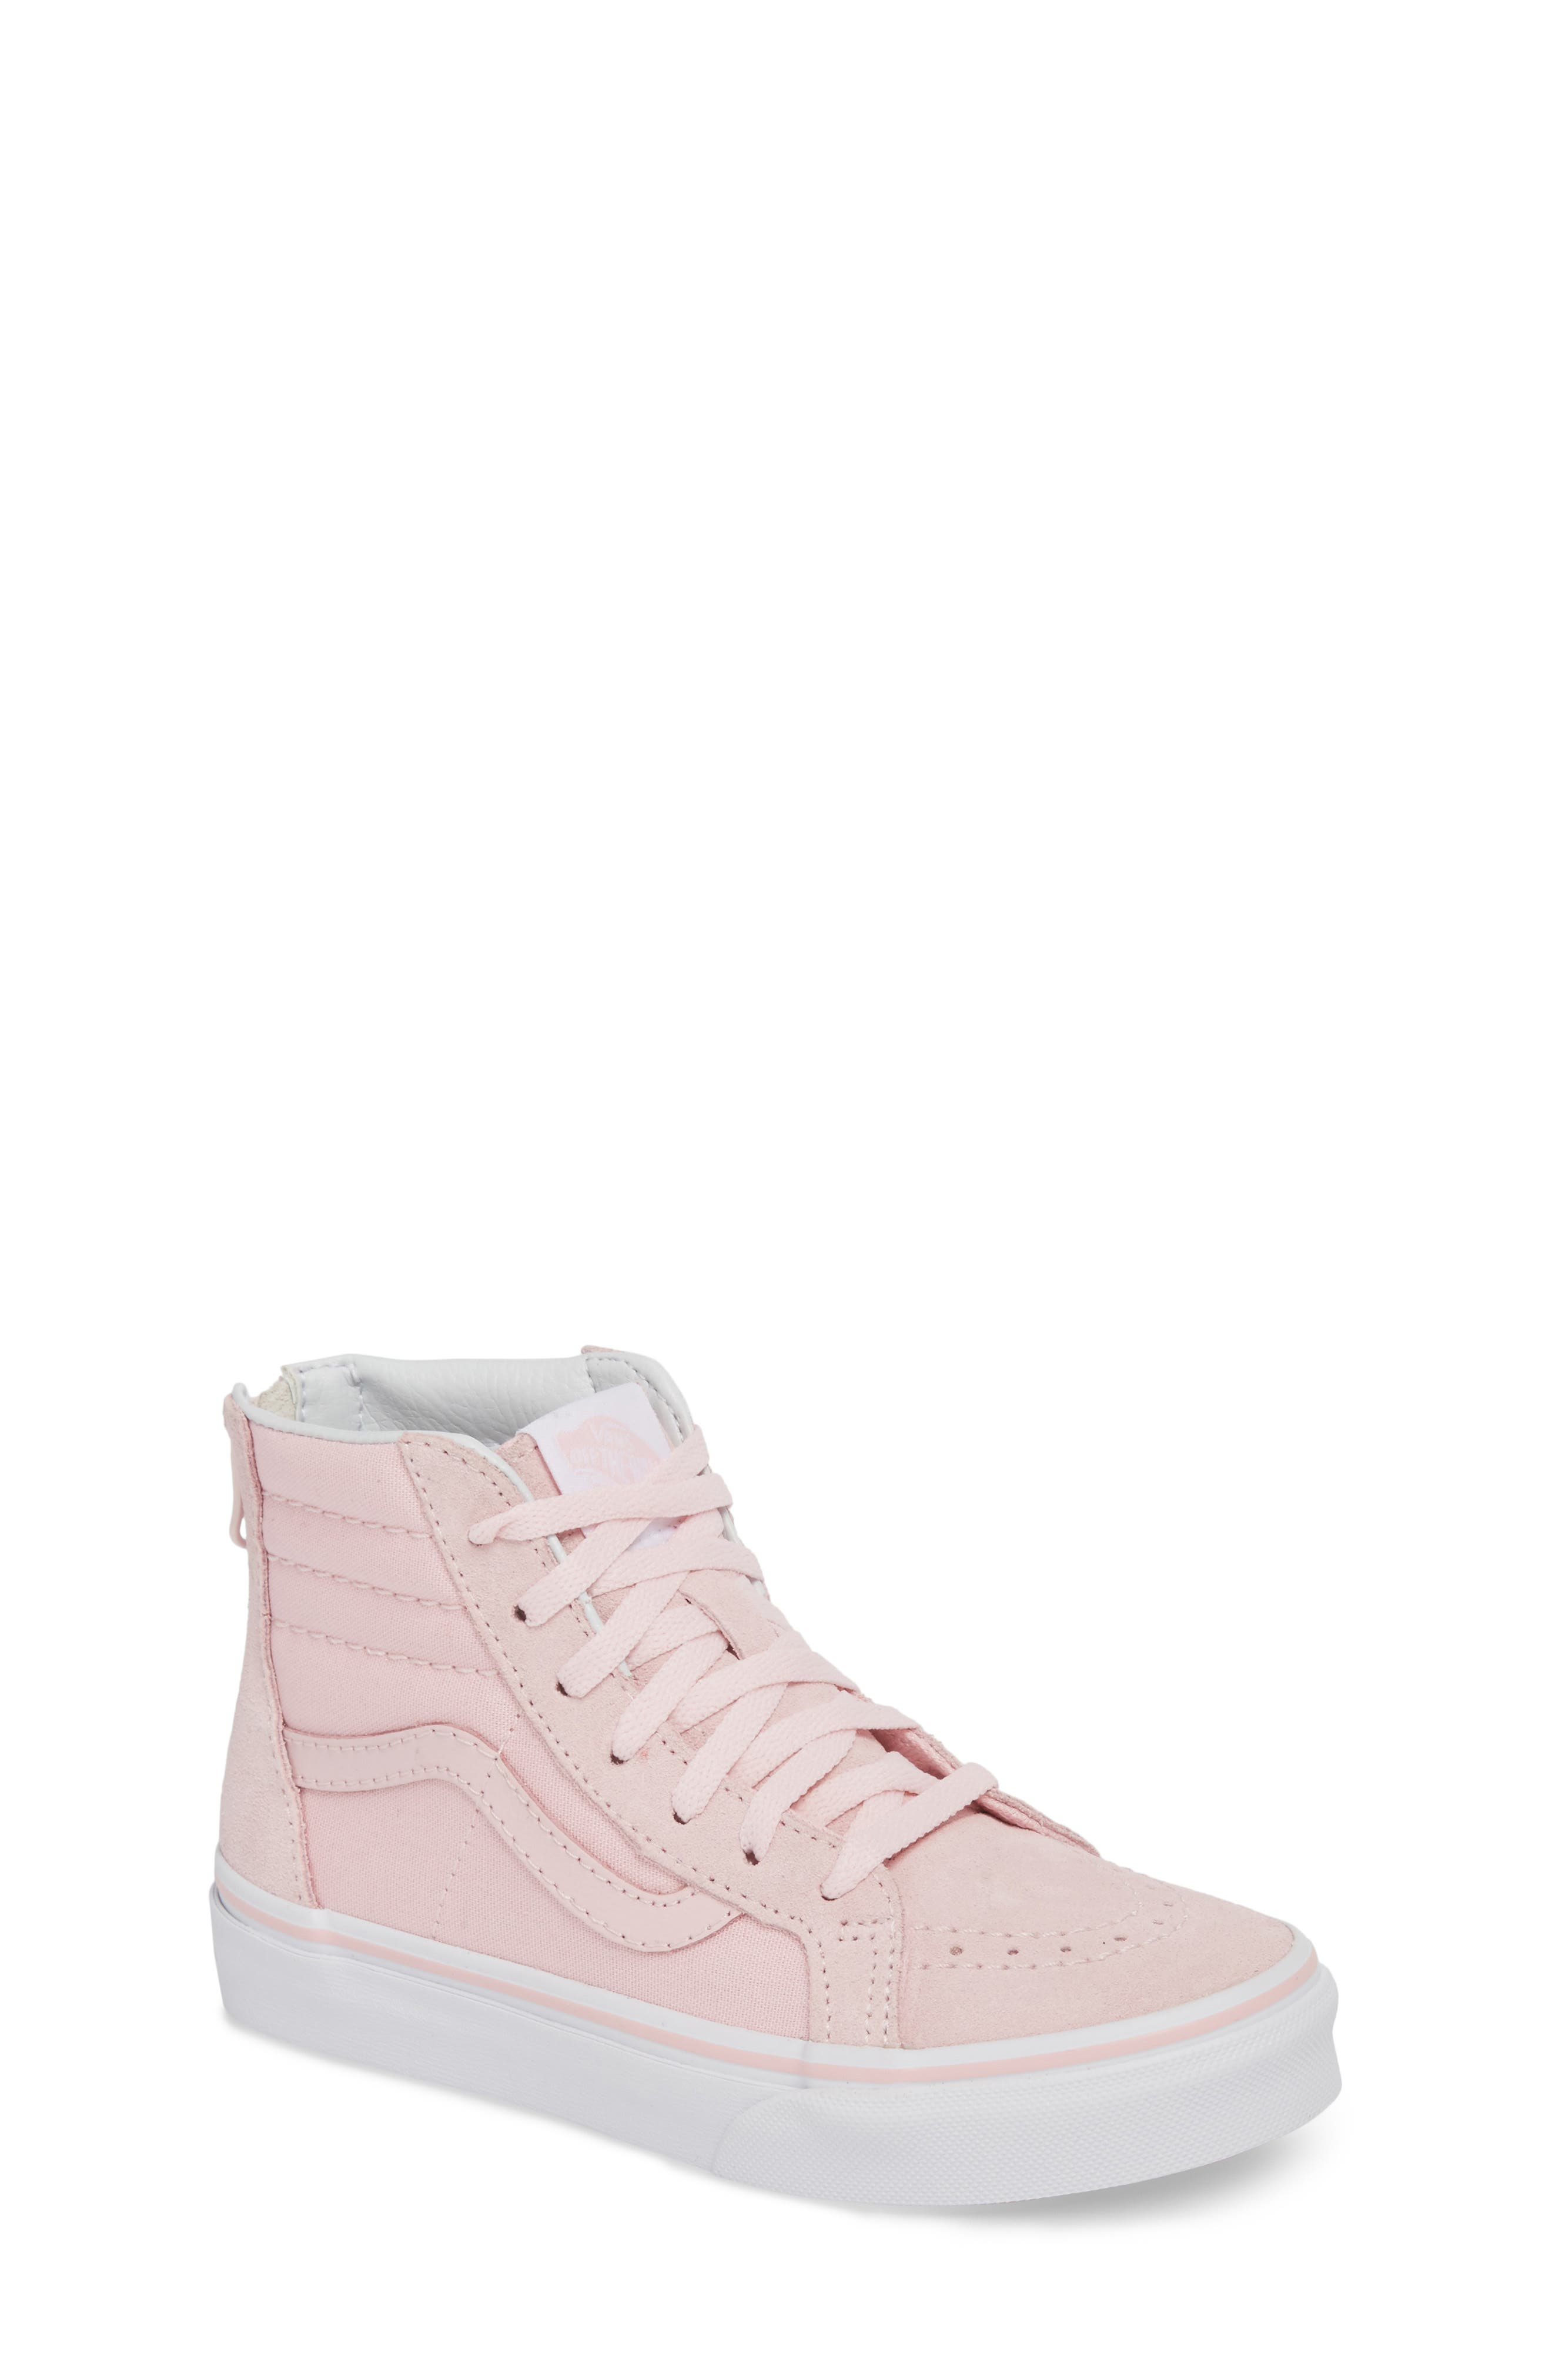 efa43171cd356c Girls Vans Sk8Hi Zip Sneaker Size 1 M Pink